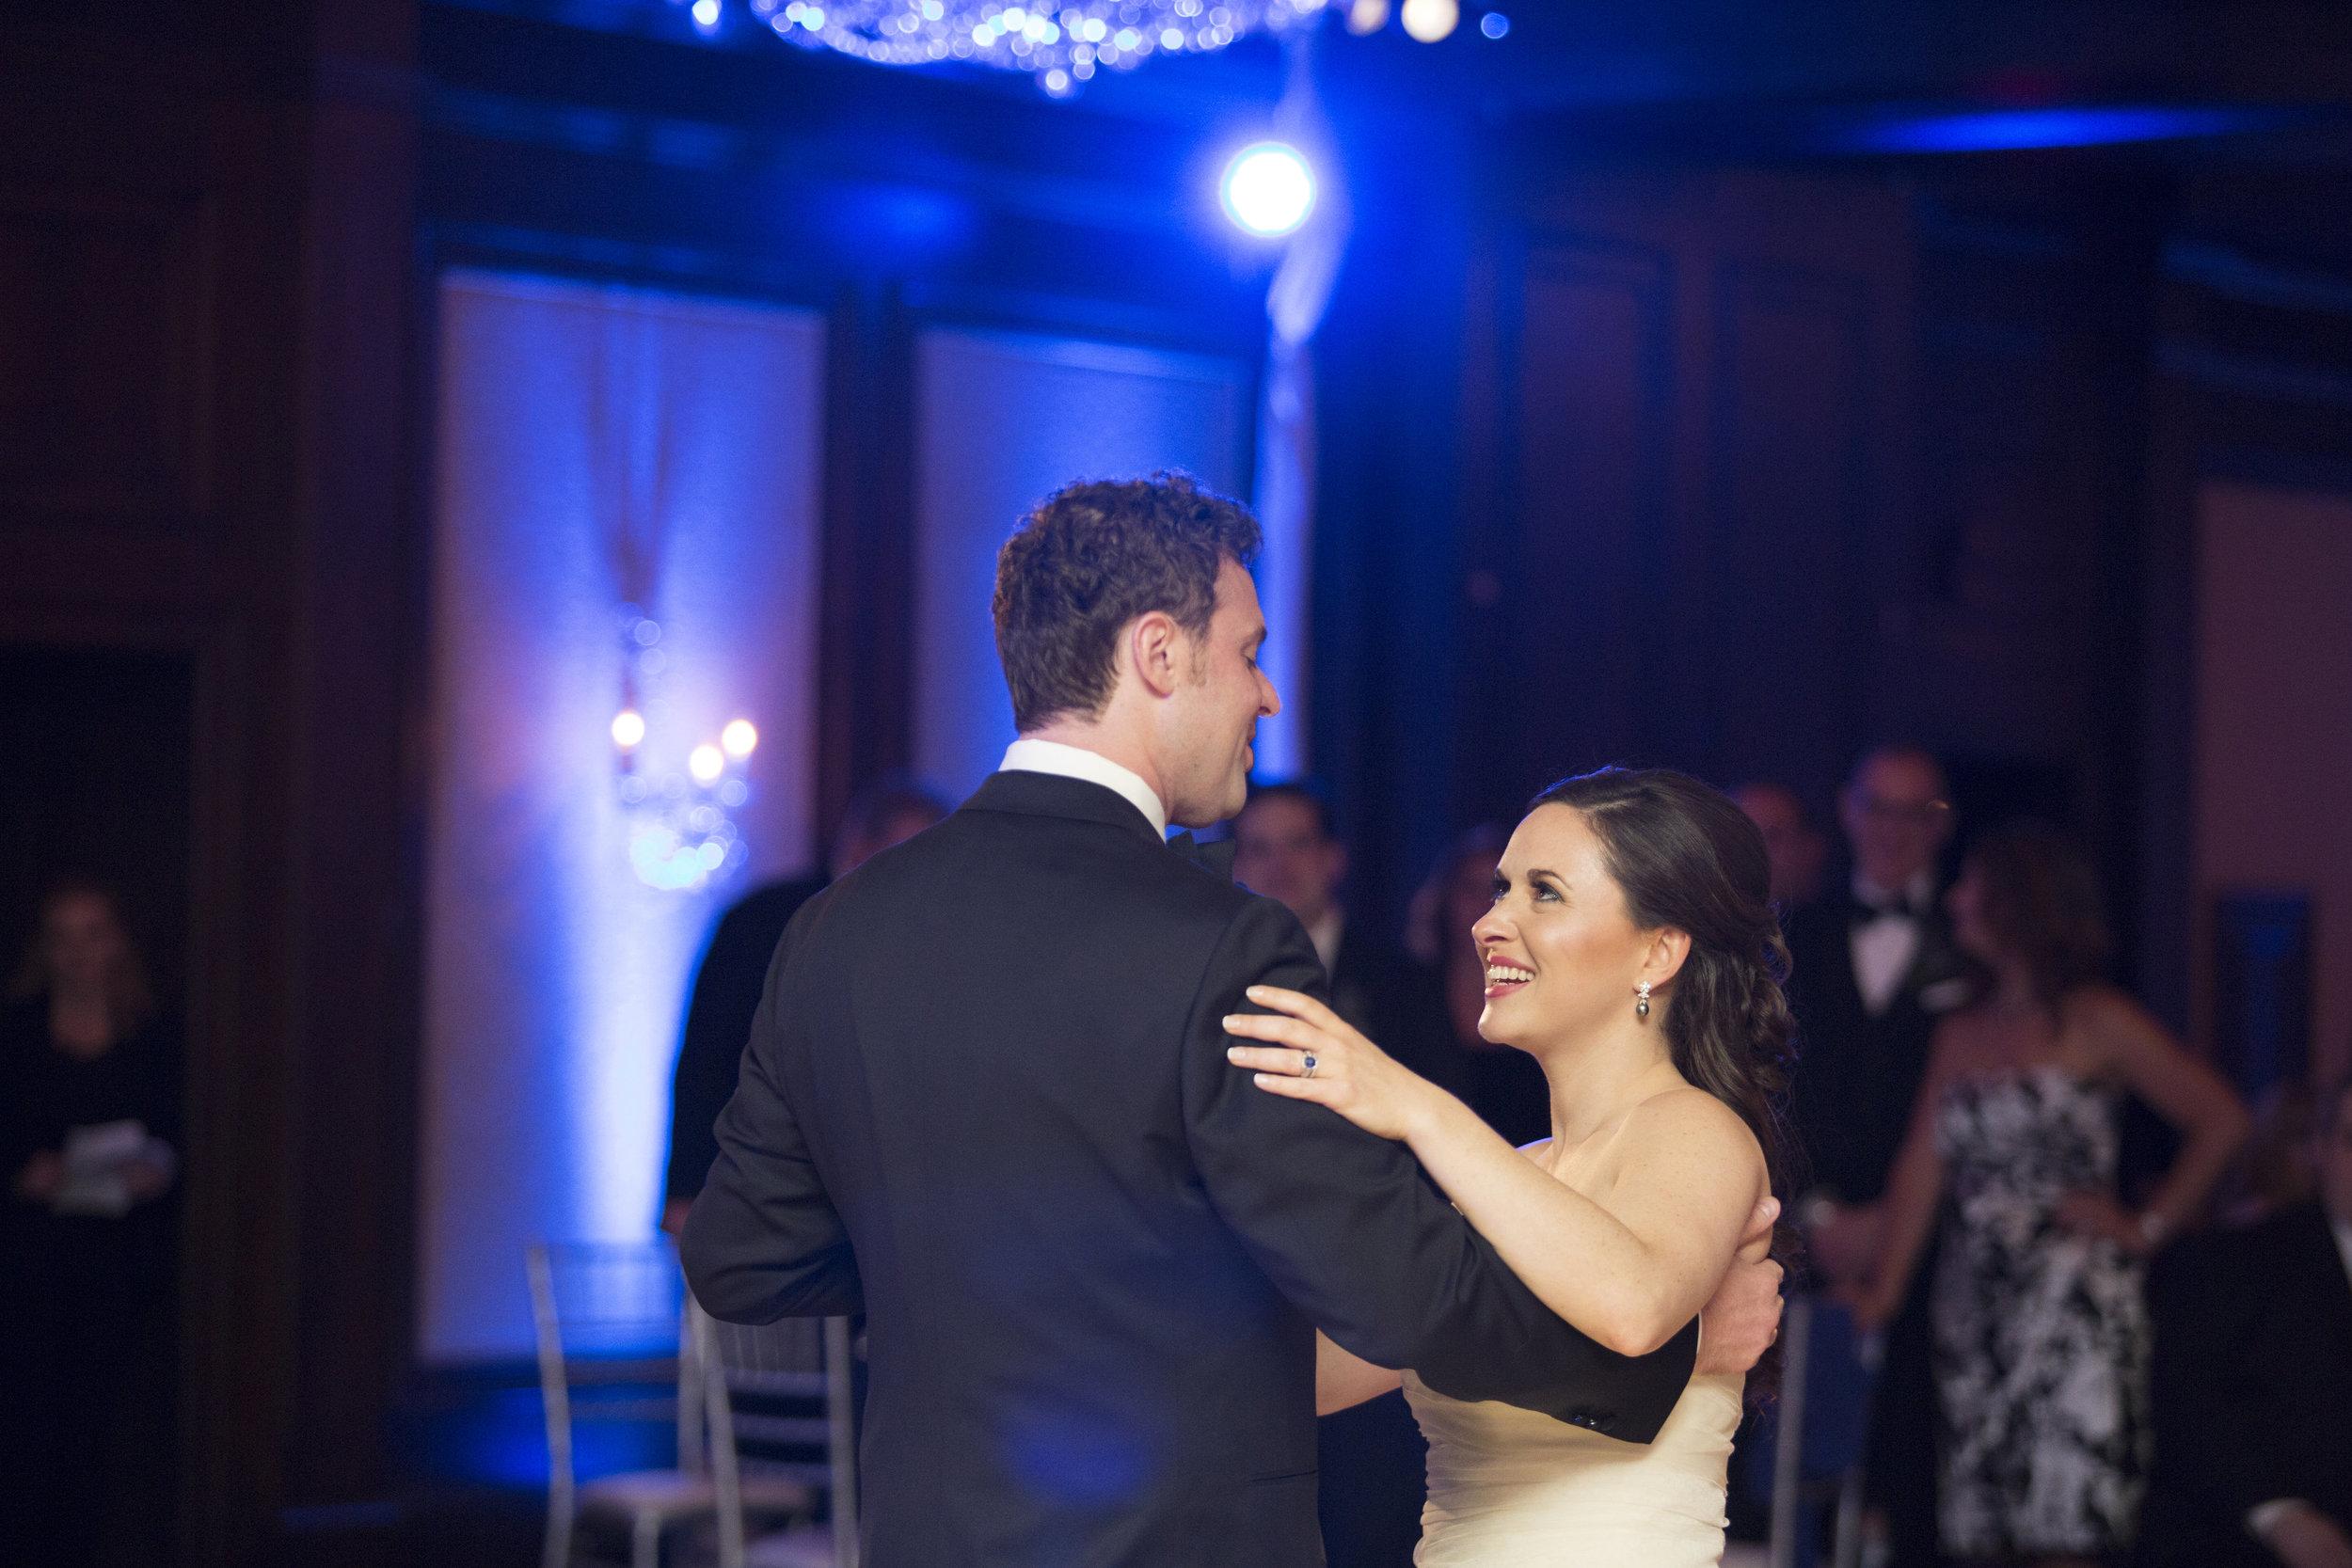 Wedding Reception at the American Club